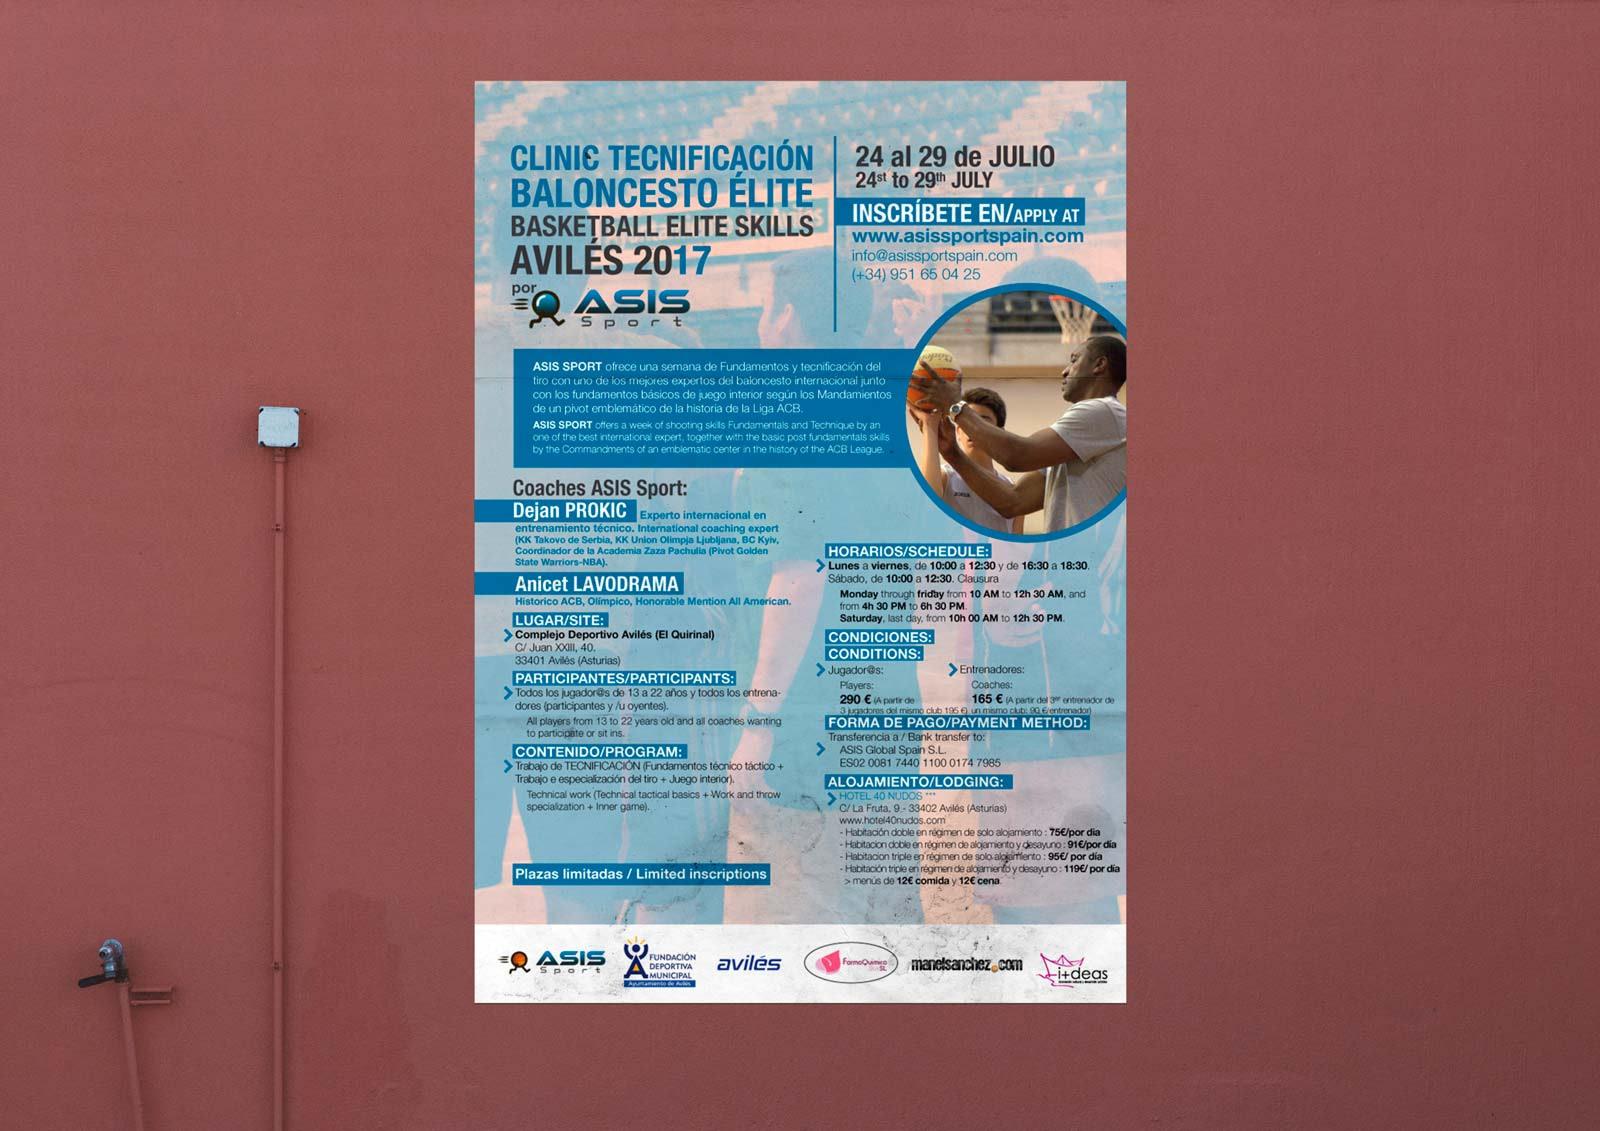 Carteles - Clinic de tiro de Baloncesto Aviles (2017)